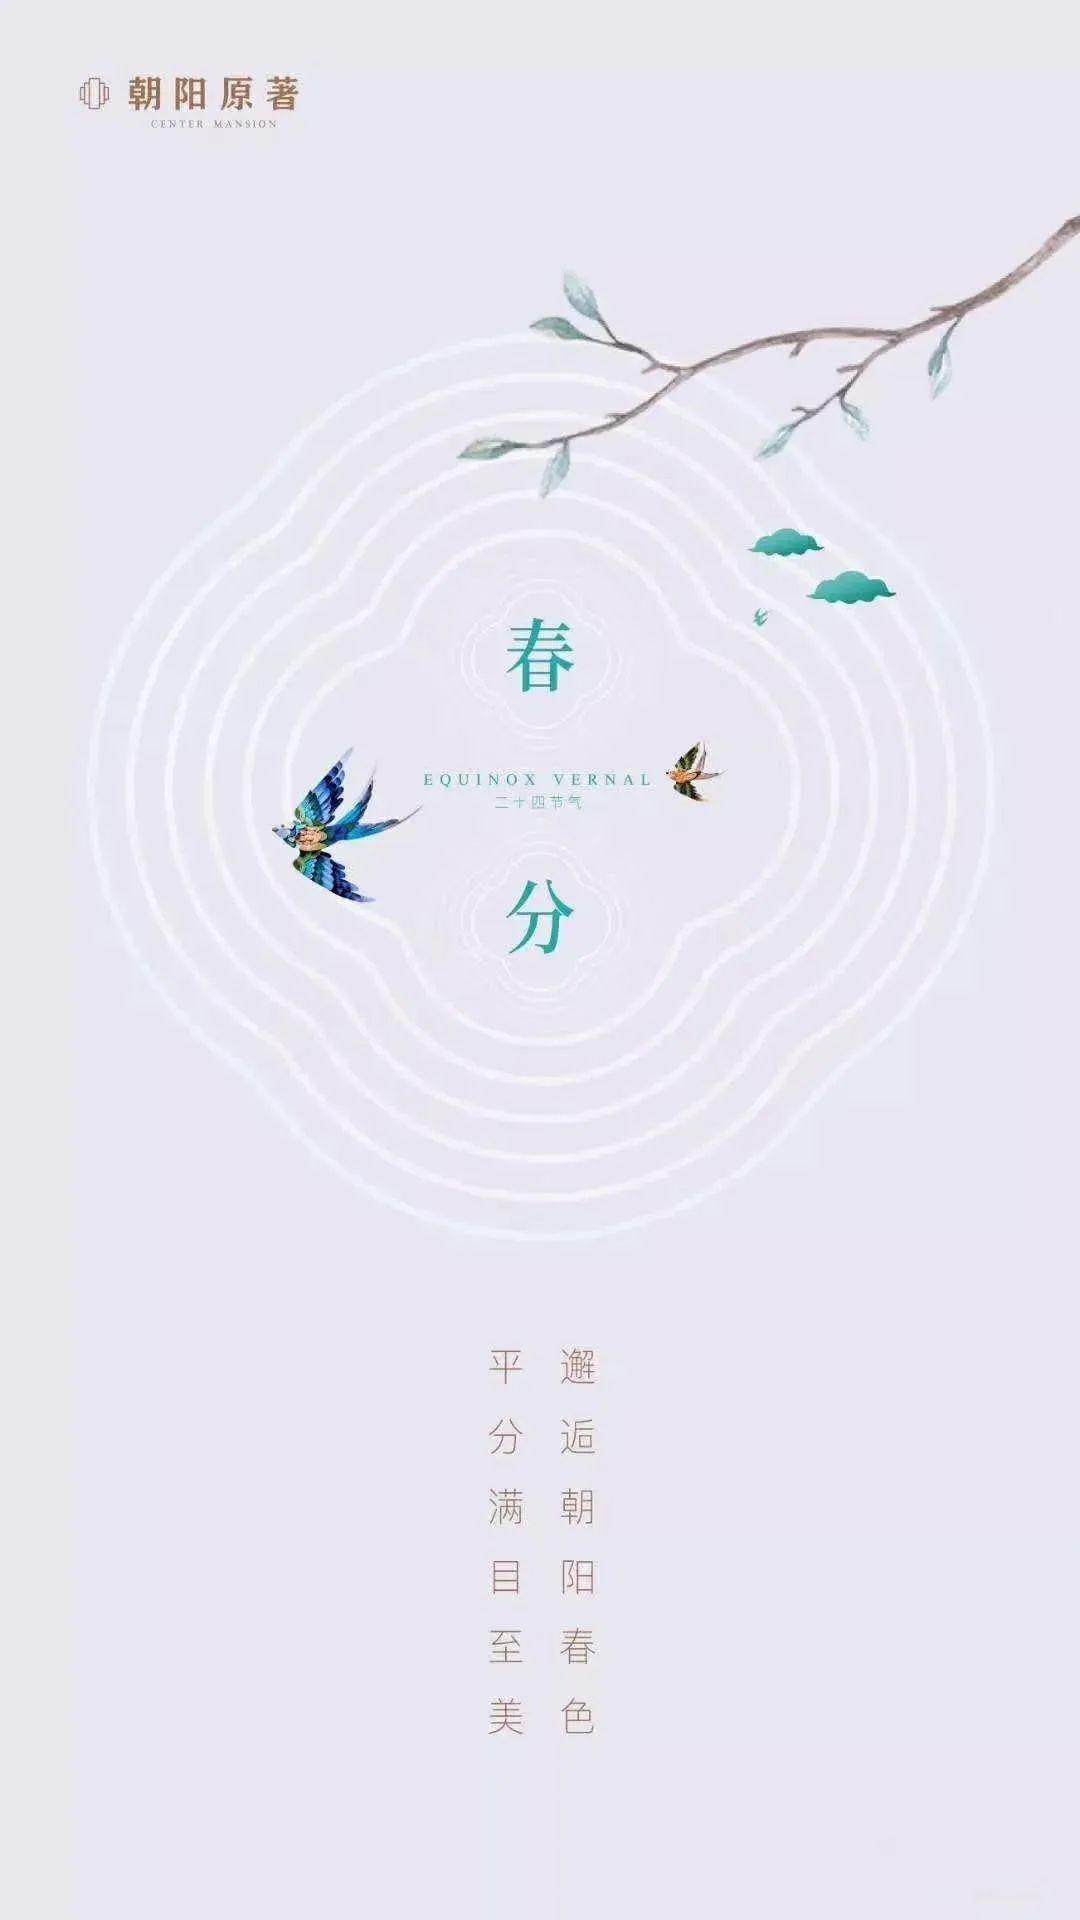 2021春分文案海报 : 吹了你吹过的风算不算相拥?插图17